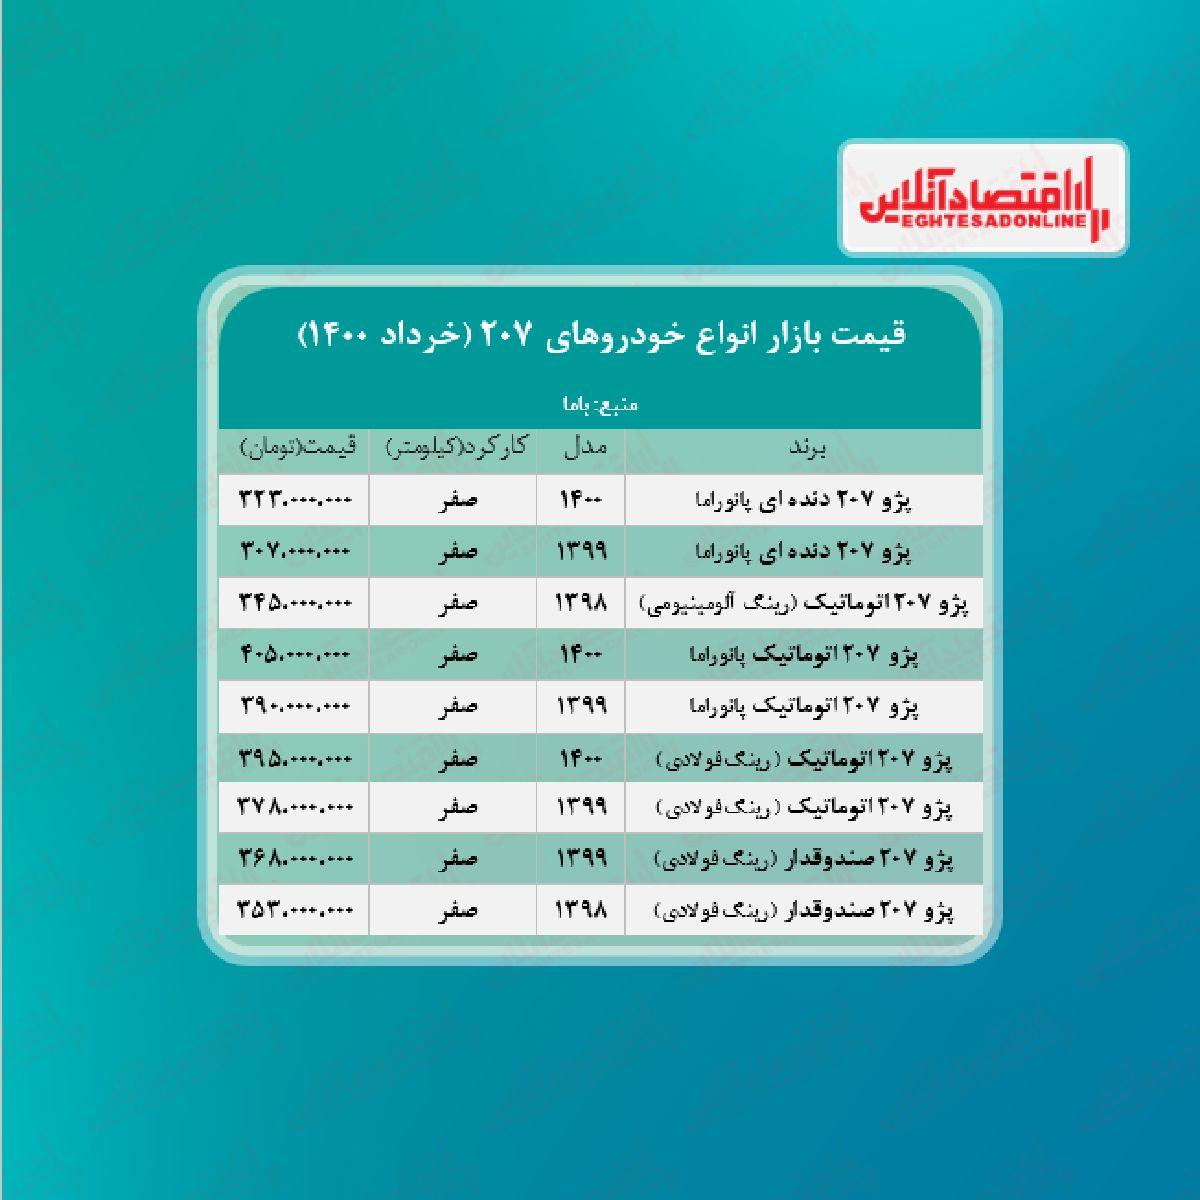 قیمت انواع ۲۰۷ در تهران +جدول